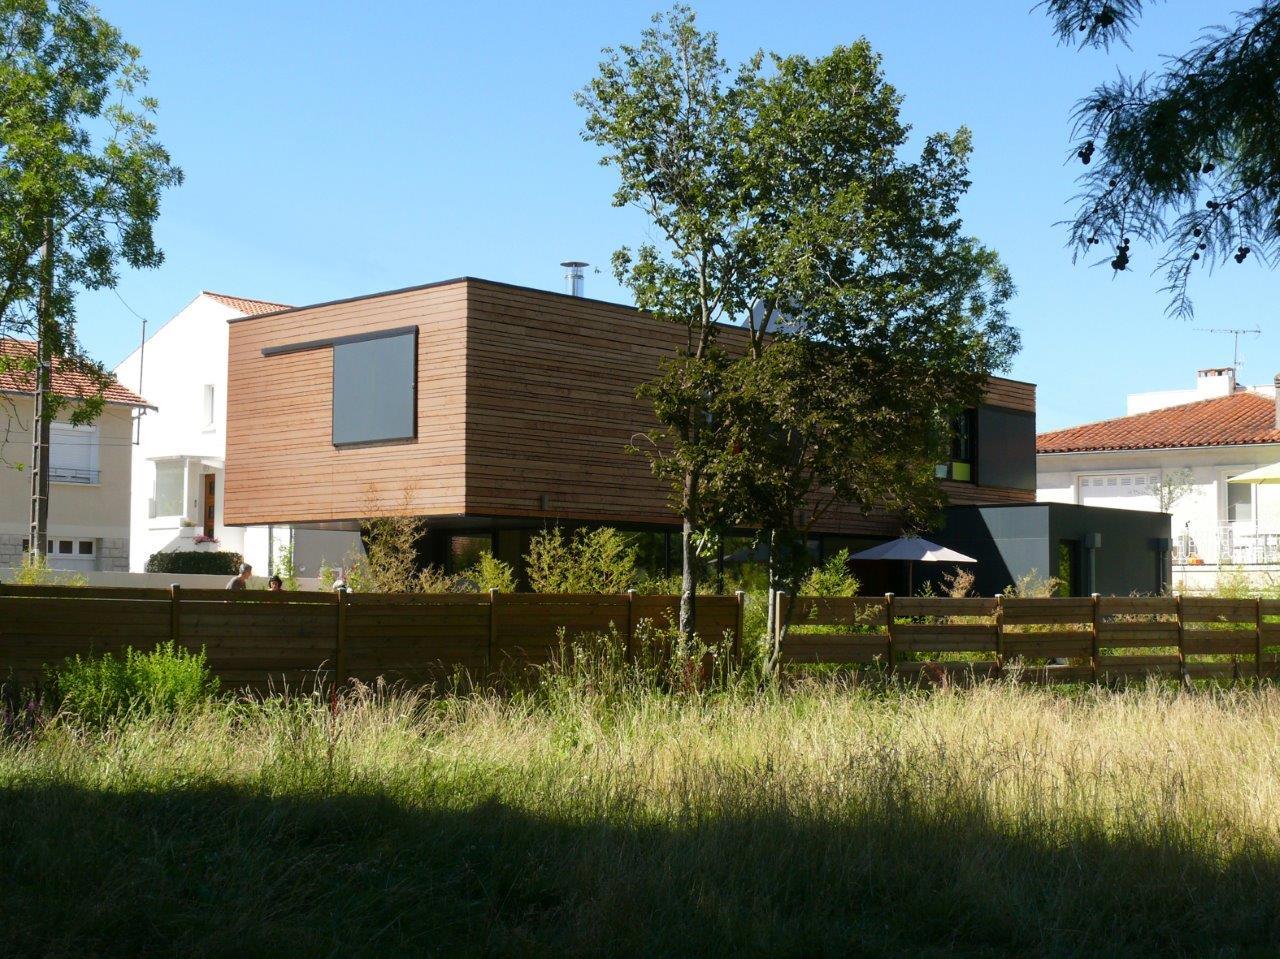 maison la rochelle 4 agence lionel coutier architecte la. Black Bedroom Furniture Sets. Home Design Ideas